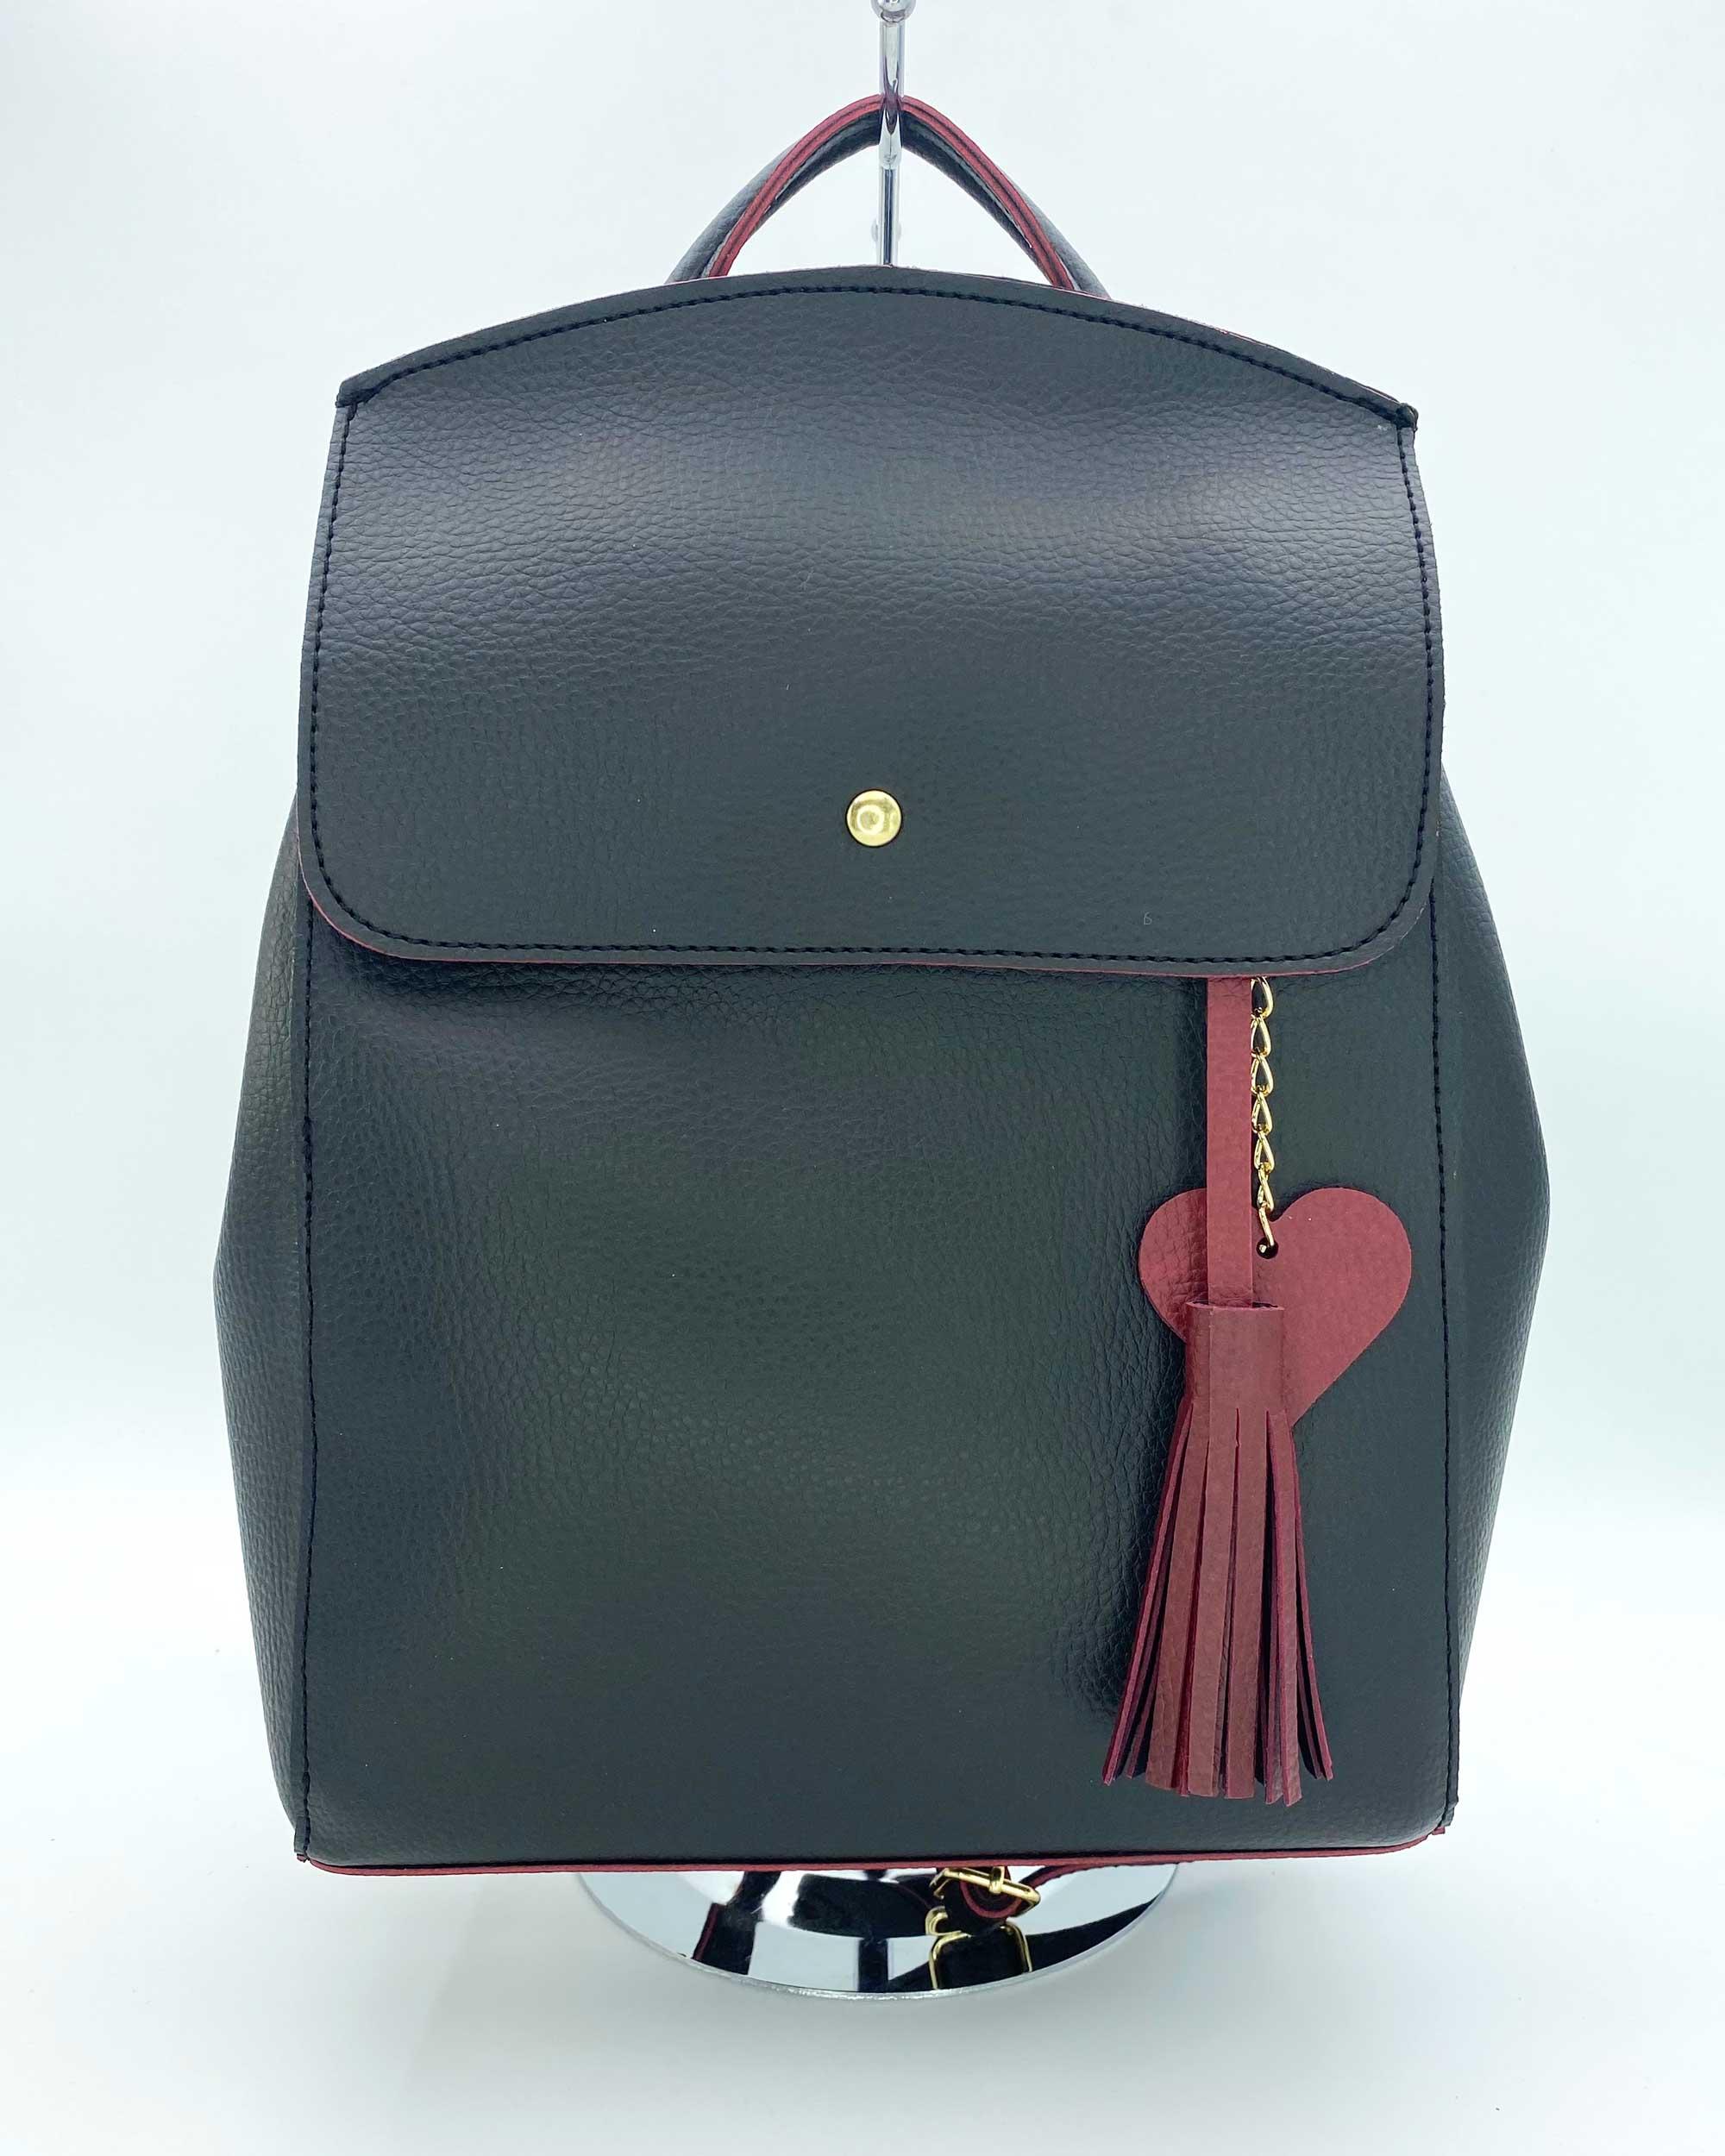 Рюкзак «Сердце» черный с красным